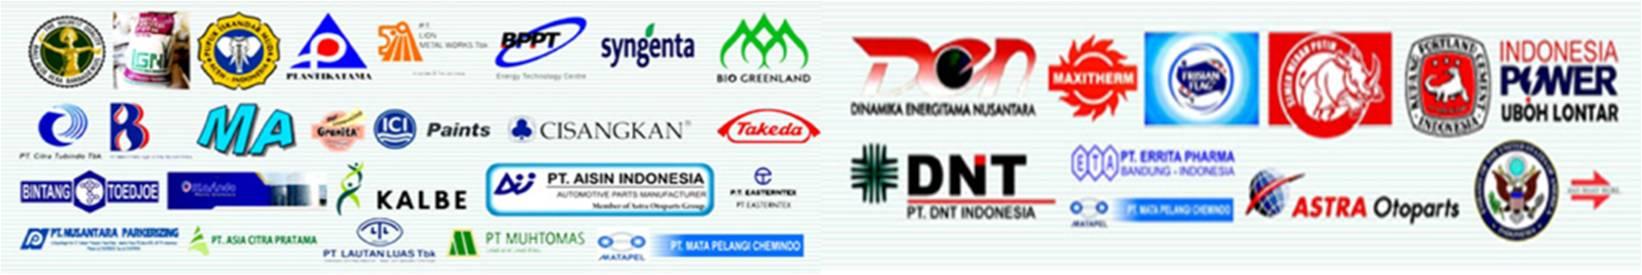 Sudah Banyak yang mempercayakan pembuatan peralatan dust collector dan lainnya pada PT KEISO